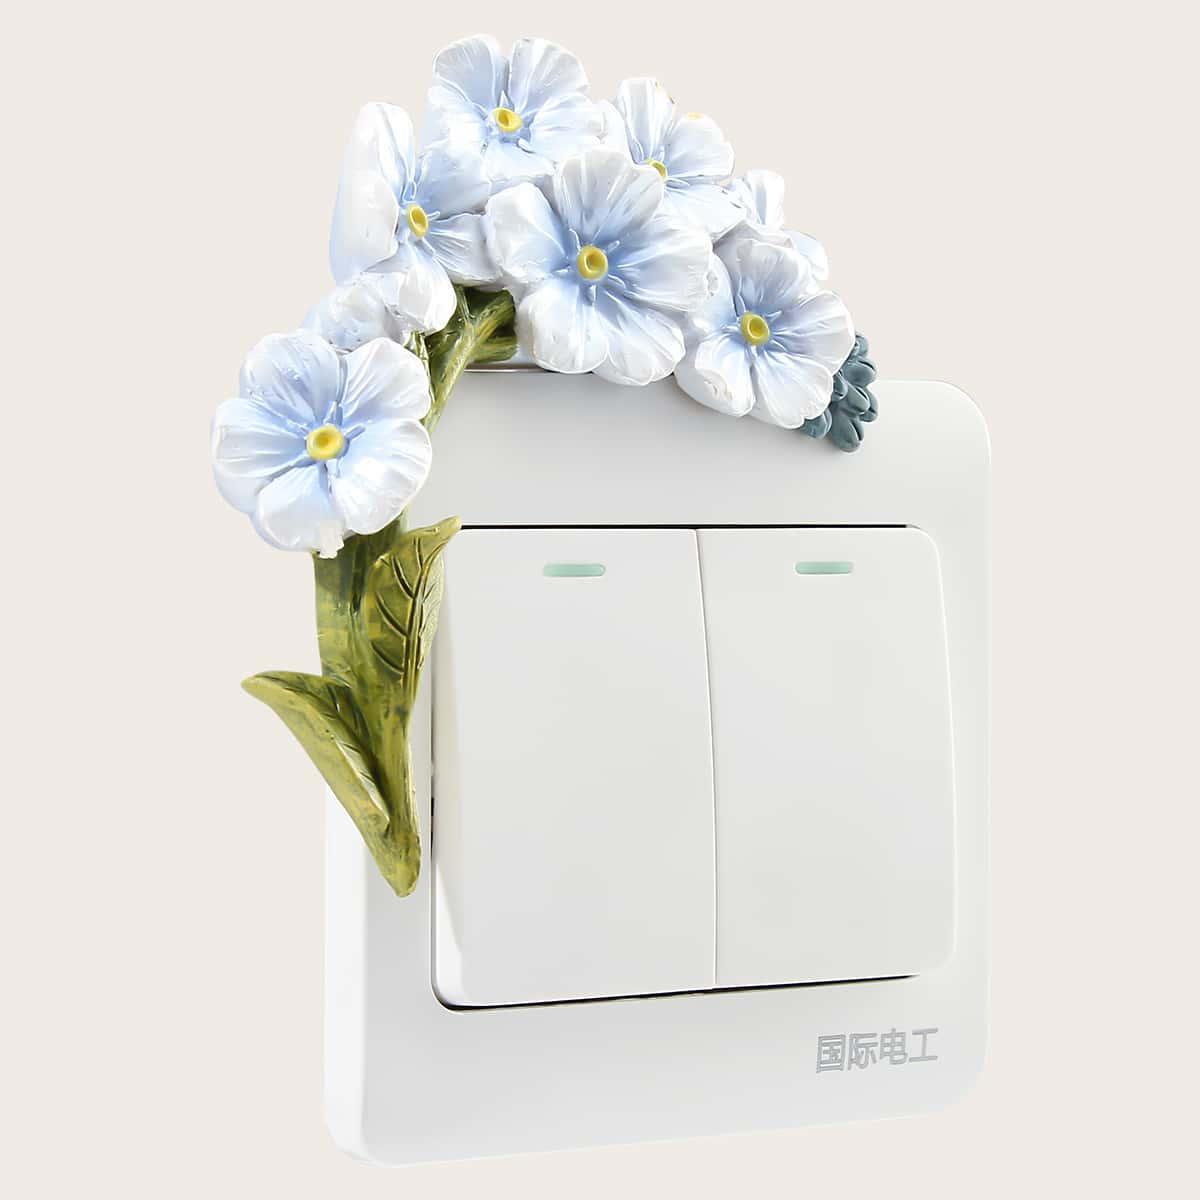 Наклейка на переключатель в форме цветка